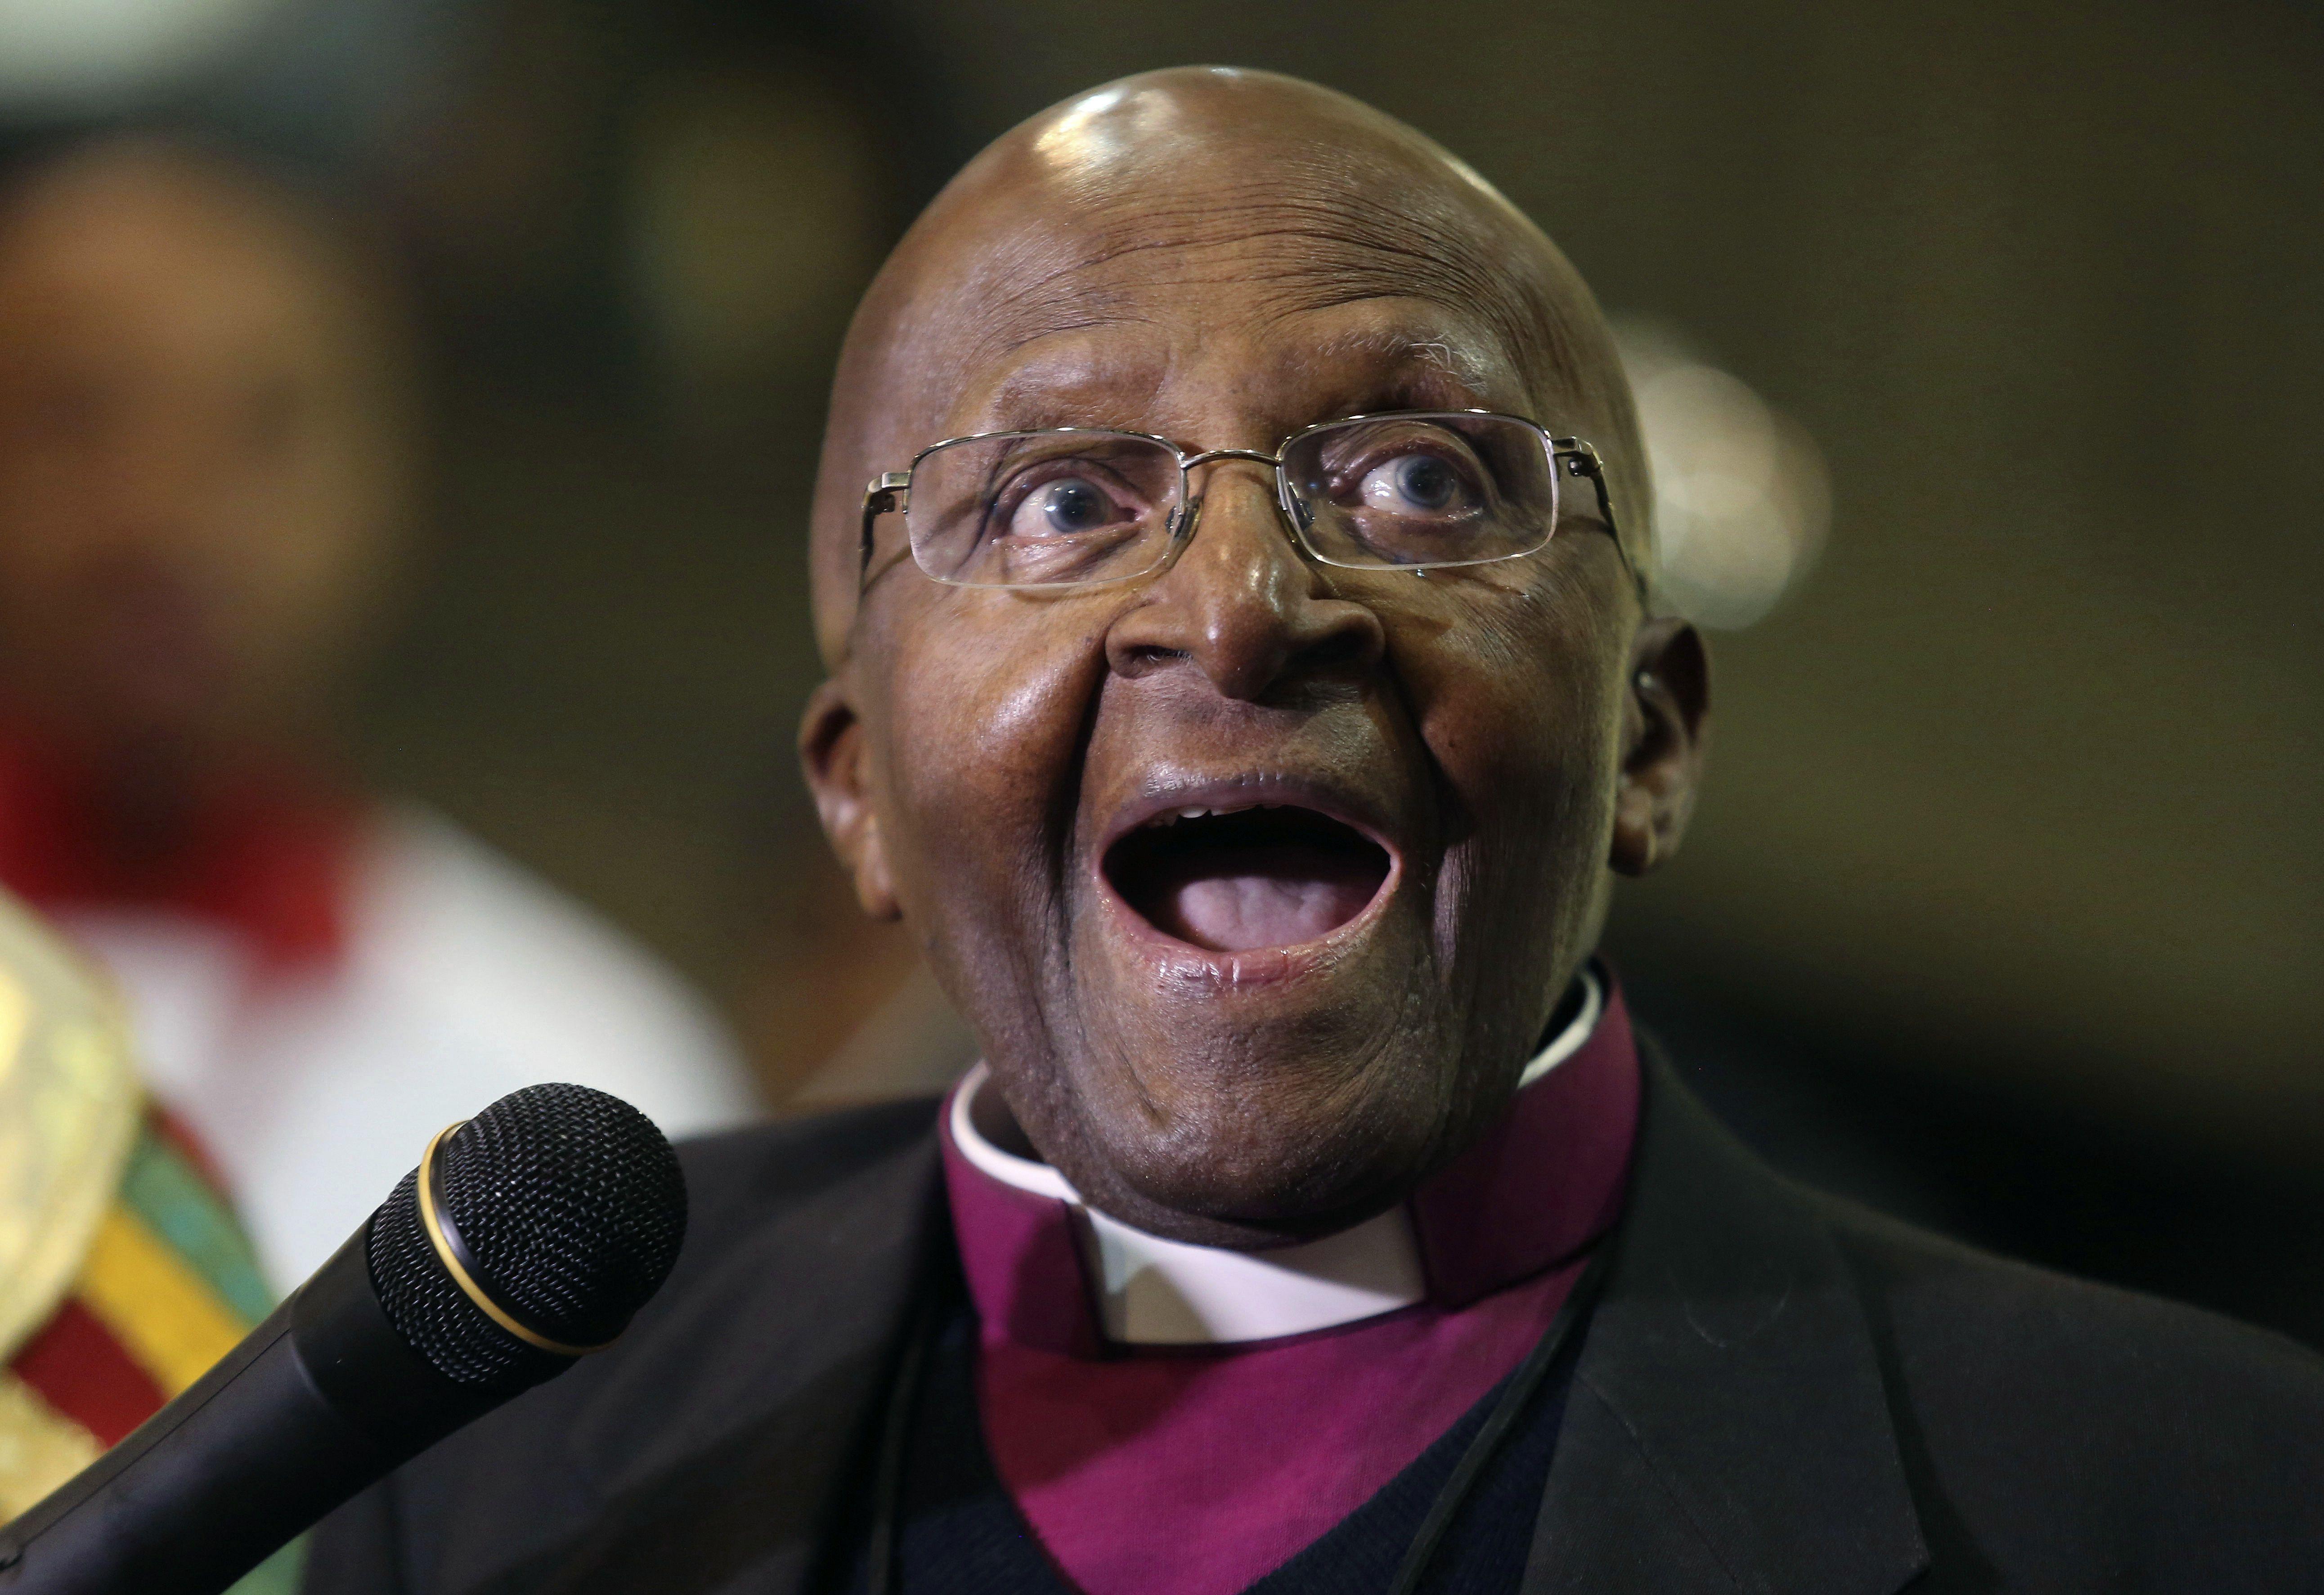 Sudáfrica: Arzobispo Desmond Tutu cumple 90 años